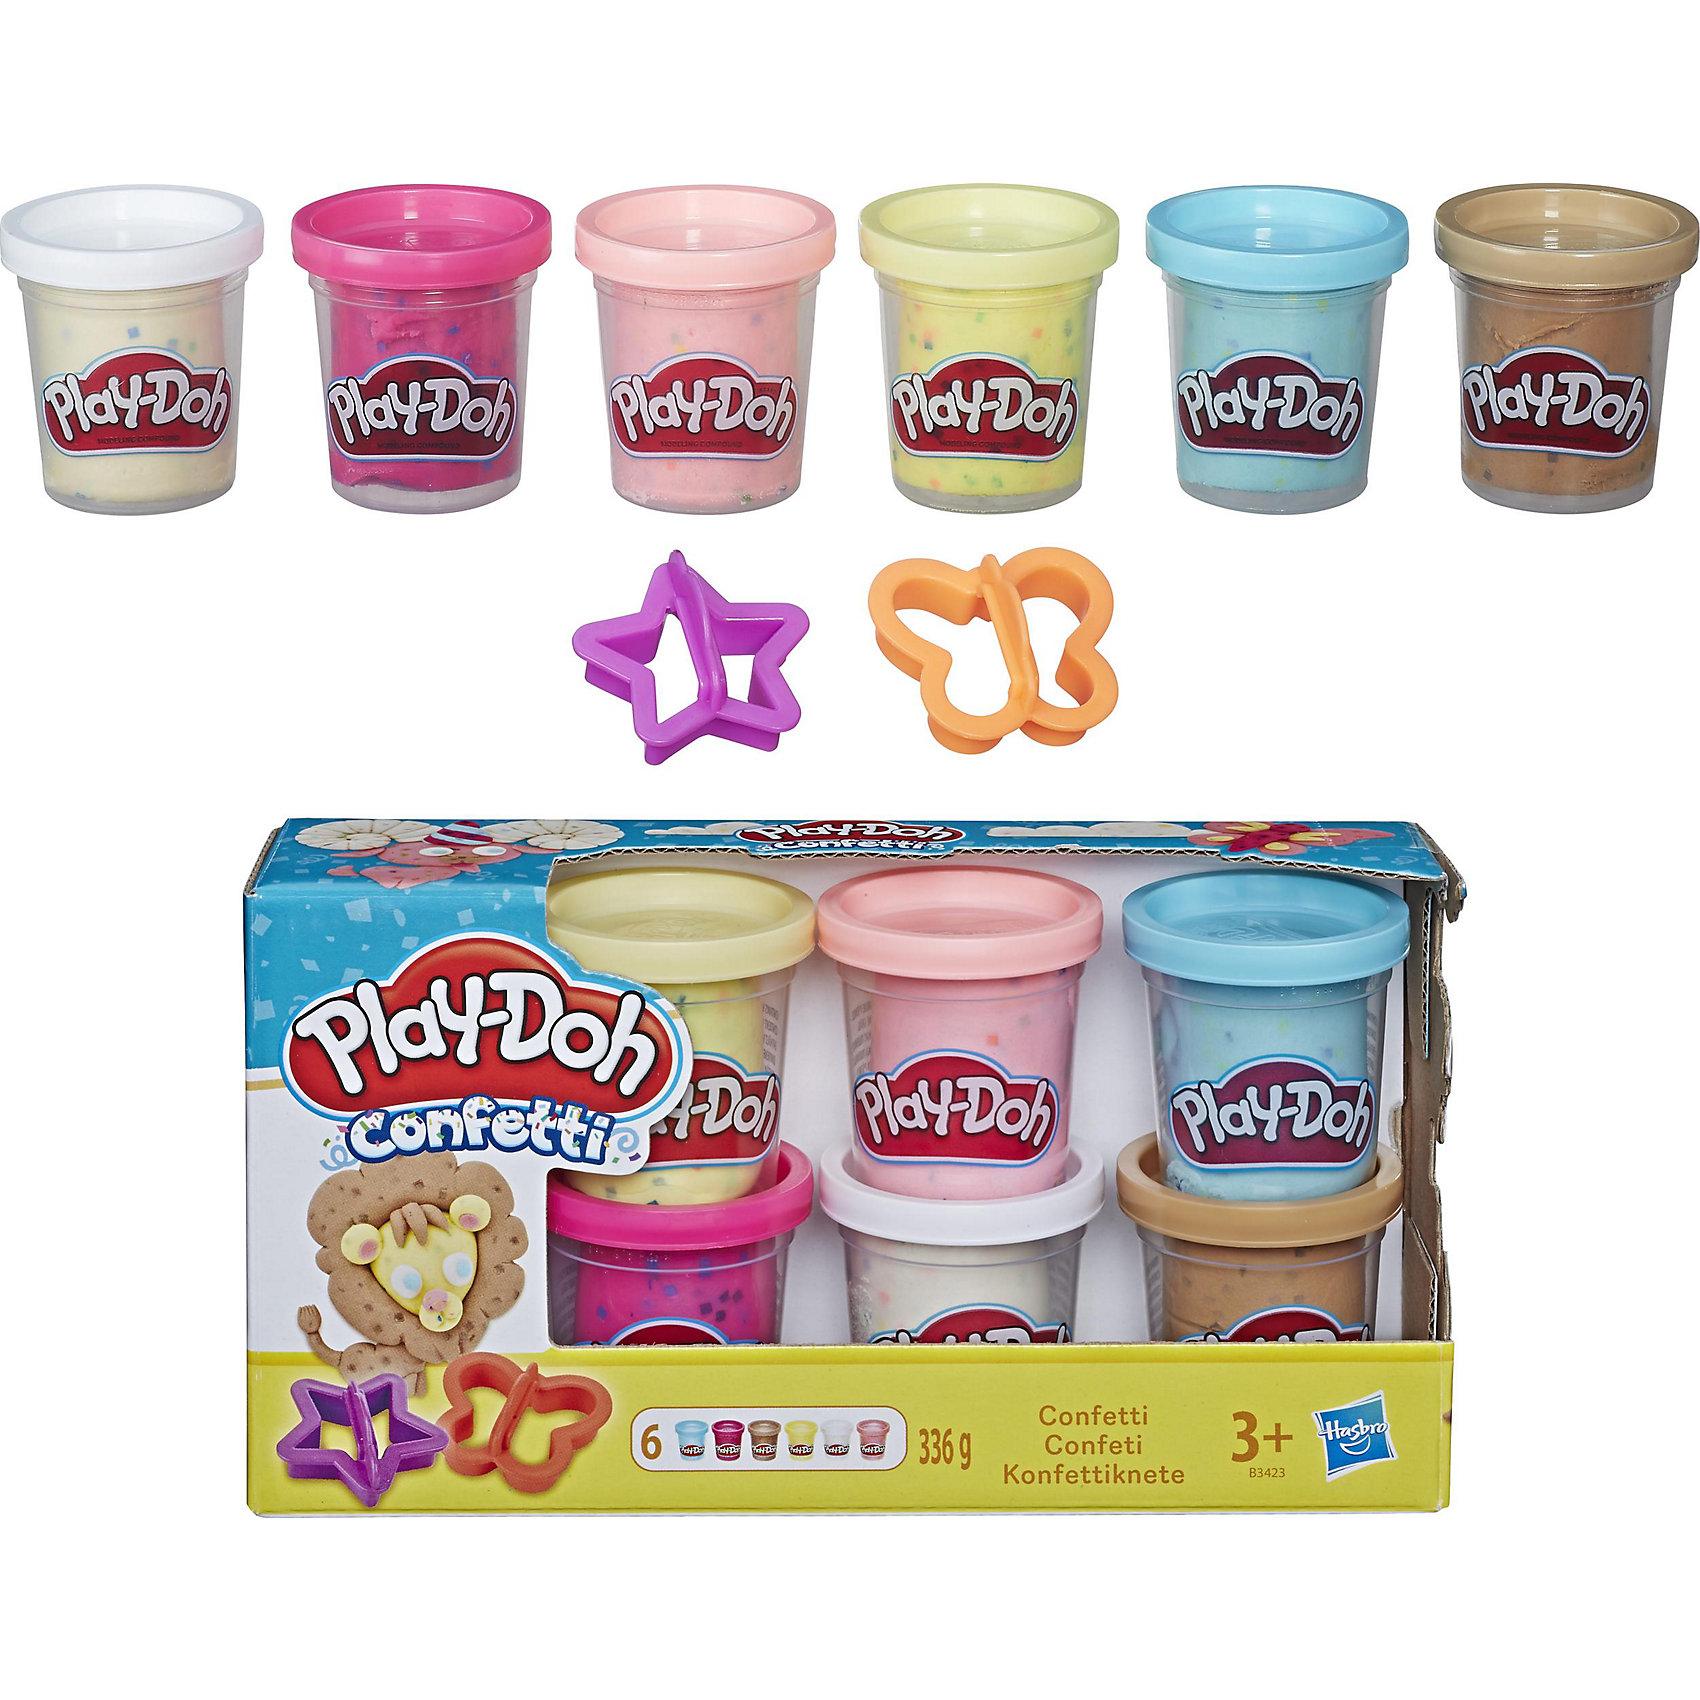 Набор из 6 баночек с конфетти, Play-DohЛепка<br>Набор из 6 баночек с конфетти, Play-Doh, поможет Вашему ребенку реализовать свои творческие фантазии и создать свой собственный сказочный мир. В наборе шесть баночек разноцветного пластилина и две формочки в виде бабочки и звездочки. Пластилин полностью безопасен для детей, не липнет к рукам и не пачкает одежду. Легко принимает любую форму и быстро высыхает. Особенность этого пластилина в том, что в состав массы для лепки входят хлопья конфетти. Такая необычная текстура делает пластилин ярким и необычным, а поделки из него еще более эффектными. Разные цвета пластилина легко смешиваются между собой, создавая новые оттенки. Занятия лепкой развивают у ребенка фантазию, творческие способности и объемное воображение, тренируют координацию движений и мелкую моторику.<br><br>Дополнительная информация:<br><br>- В комплекте: 6 баночек Play-Doh Confetti, 2 формочки.<br>- Размер упаковки: 21 х 6 х 11 см.<br>- Вес: 0,336 кг.<br><br>Набор из 6 баночек с конфетти, Play-Doh (Плей-До), можно купить в нашем интернет-магазине.<br><br>Ширина мм: 212<br>Глубина мм: 116<br>Высота мм: 60<br>Вес г: 471<br>Возраст от месяцев: 36<br>Возраст до месяцев: 72<br>Пол: Унисекс<br>Возраст: Детский<br>SKU: 4319030